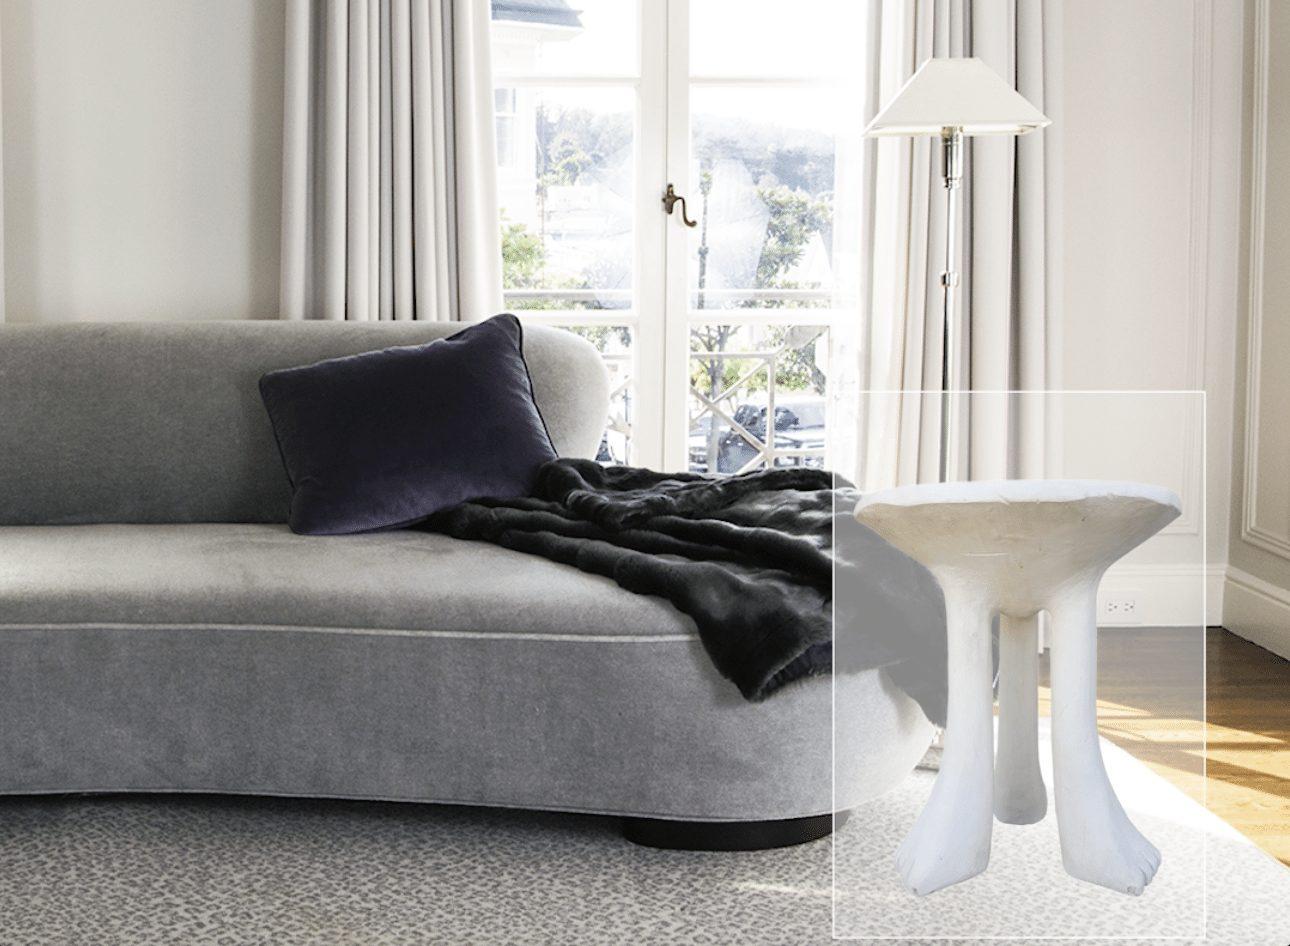 Chairish Interior Design Decorating App.